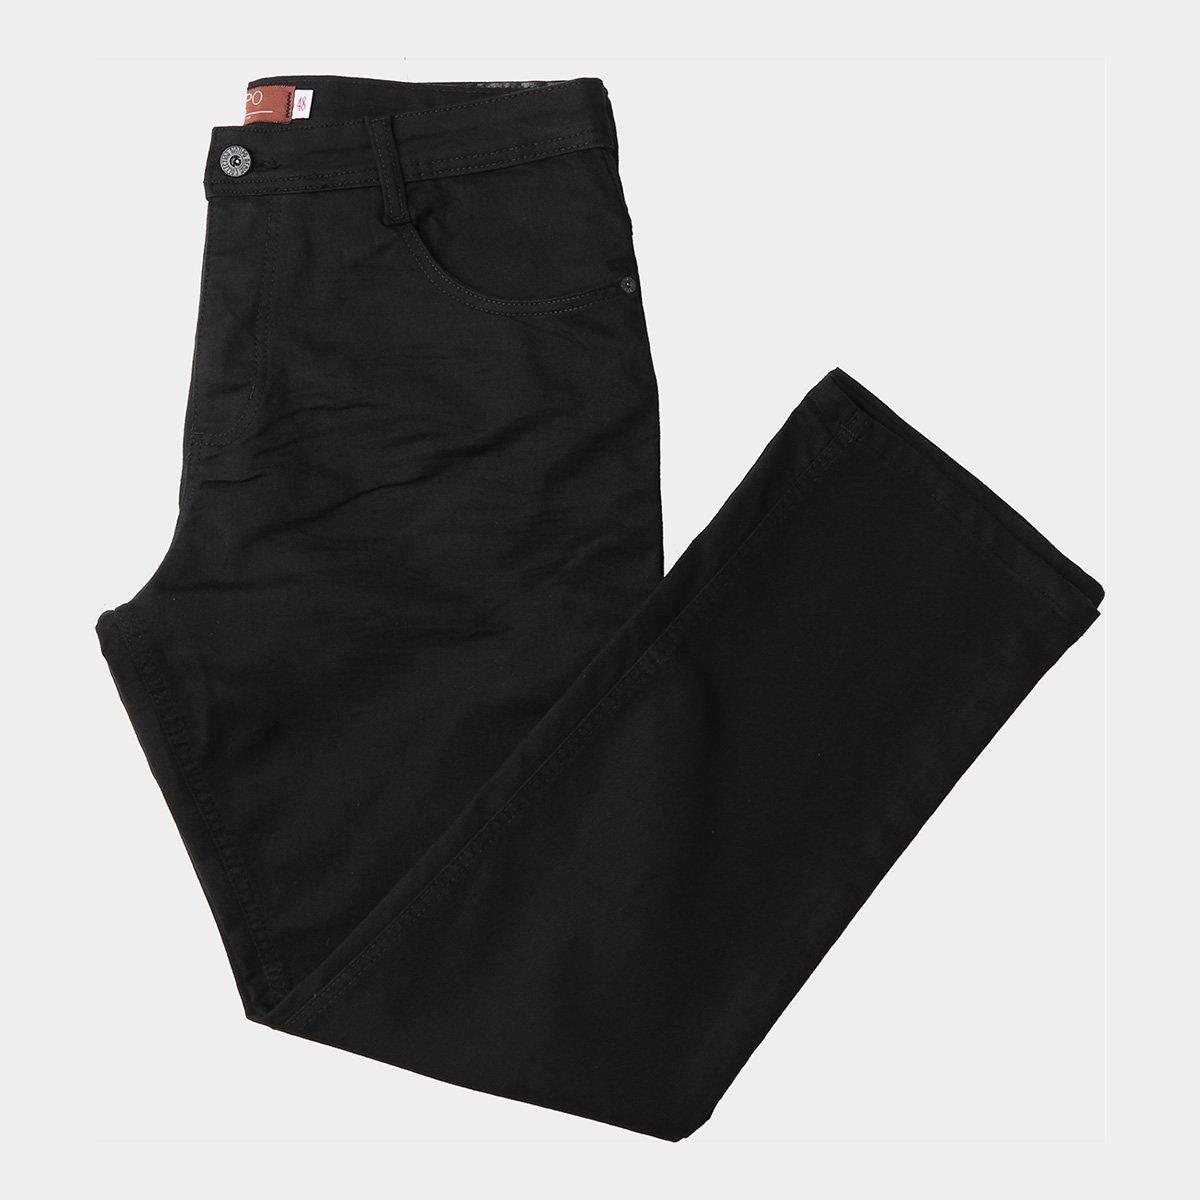 498b34250 Calça Sarja Biotipo Plus Size Slim Fit Masculina